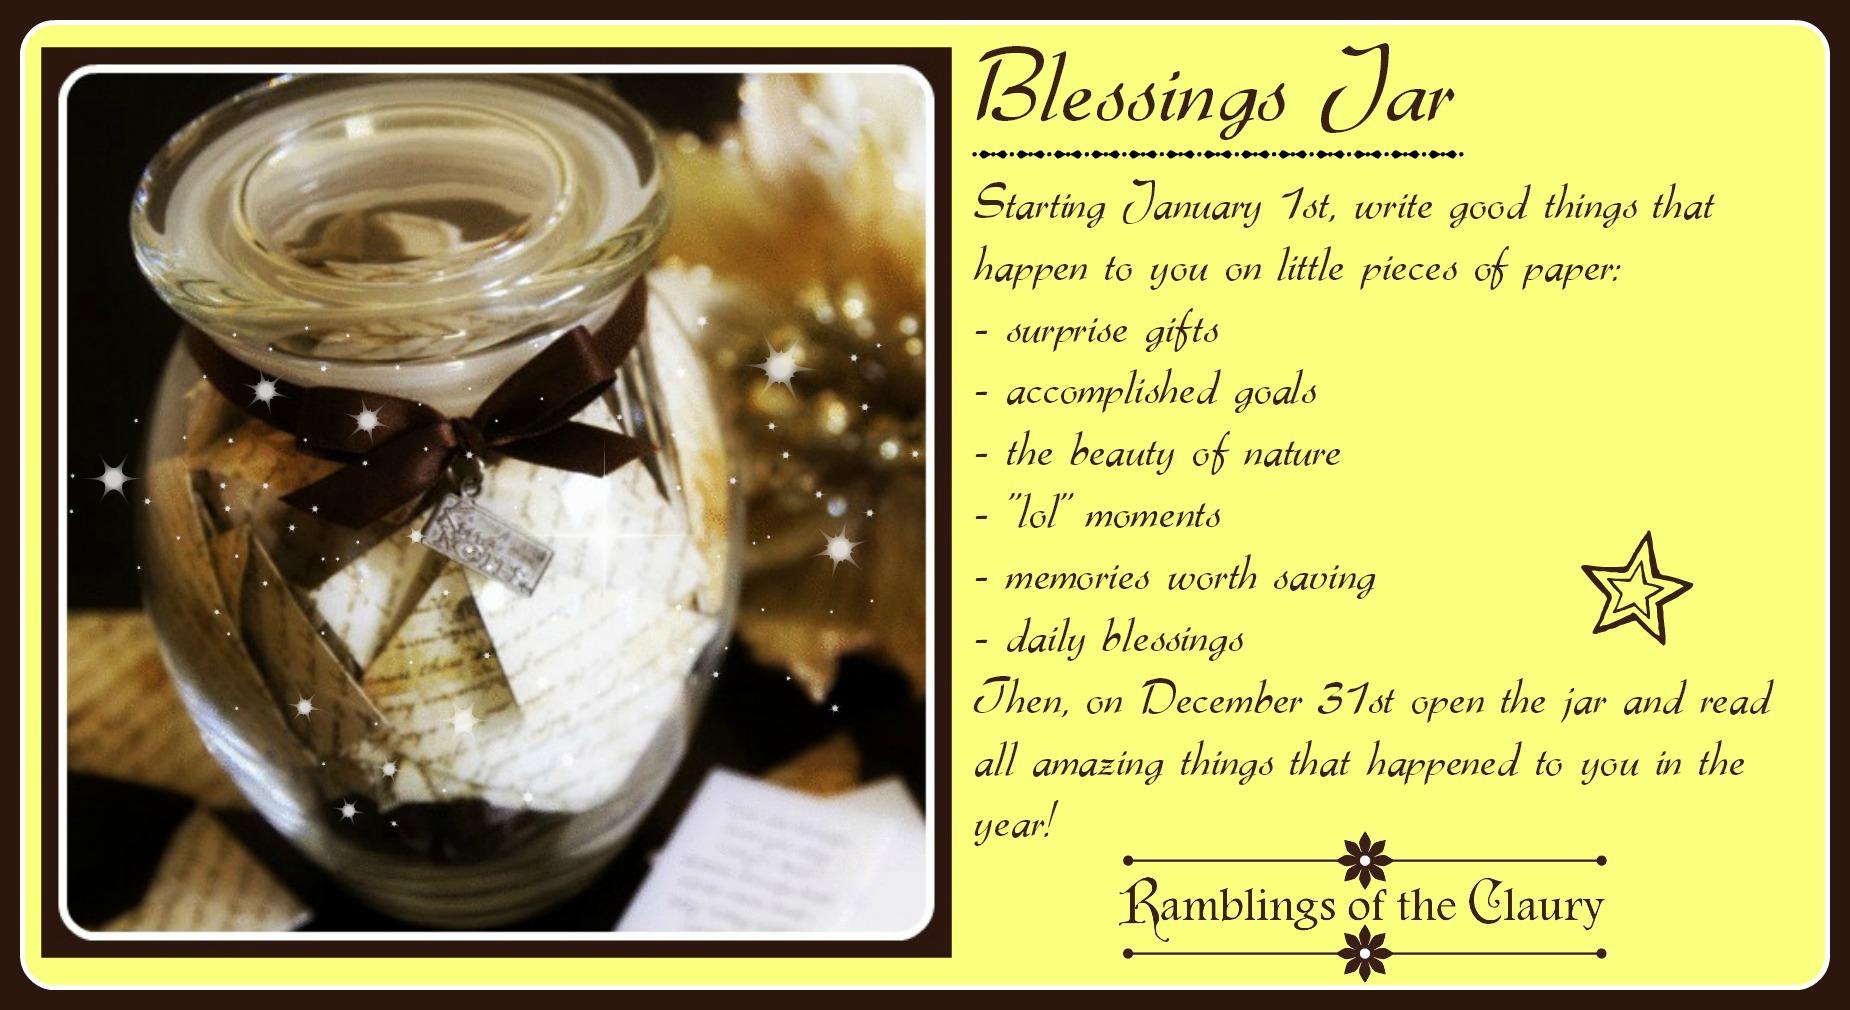 Blessings Jar Ramblings Of The Claury